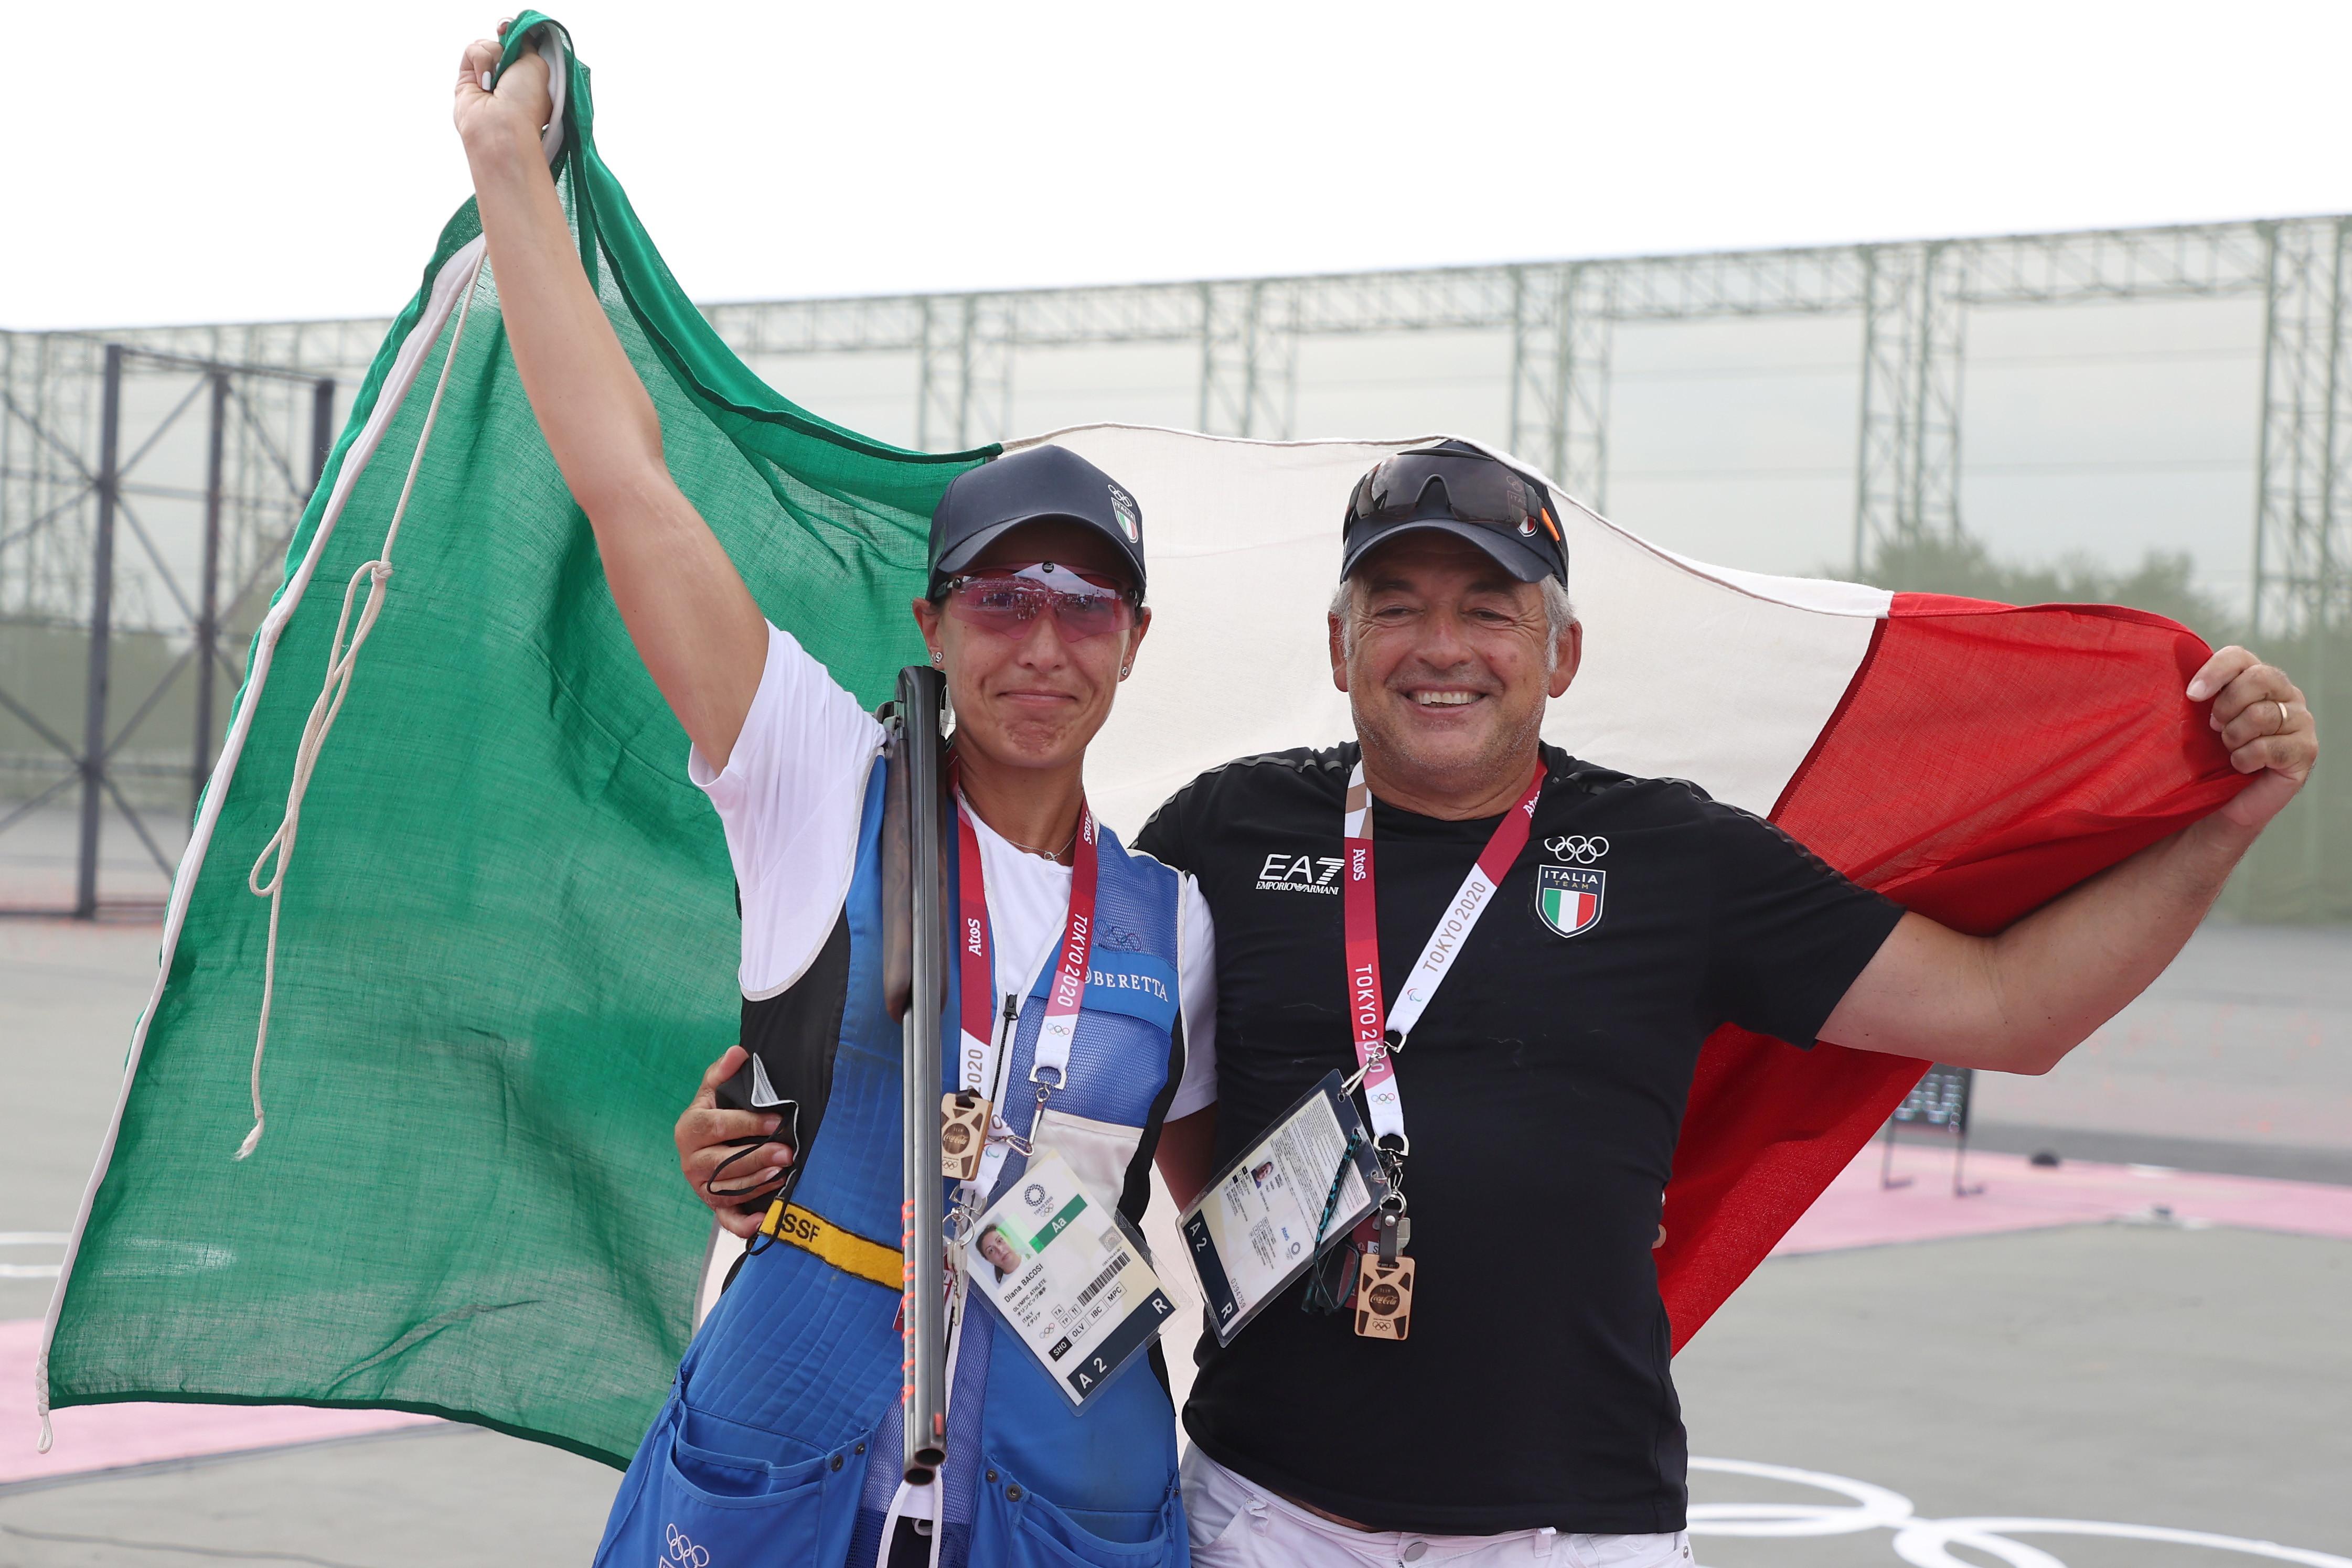 La 38enne azzurra Diana Bacosi ha conquistato la medaglia d&#39;argento nella gara di skeet donne di Tokyo 2020, vinta dall&#39;americana Amber English.&nbsp;<br /><br />